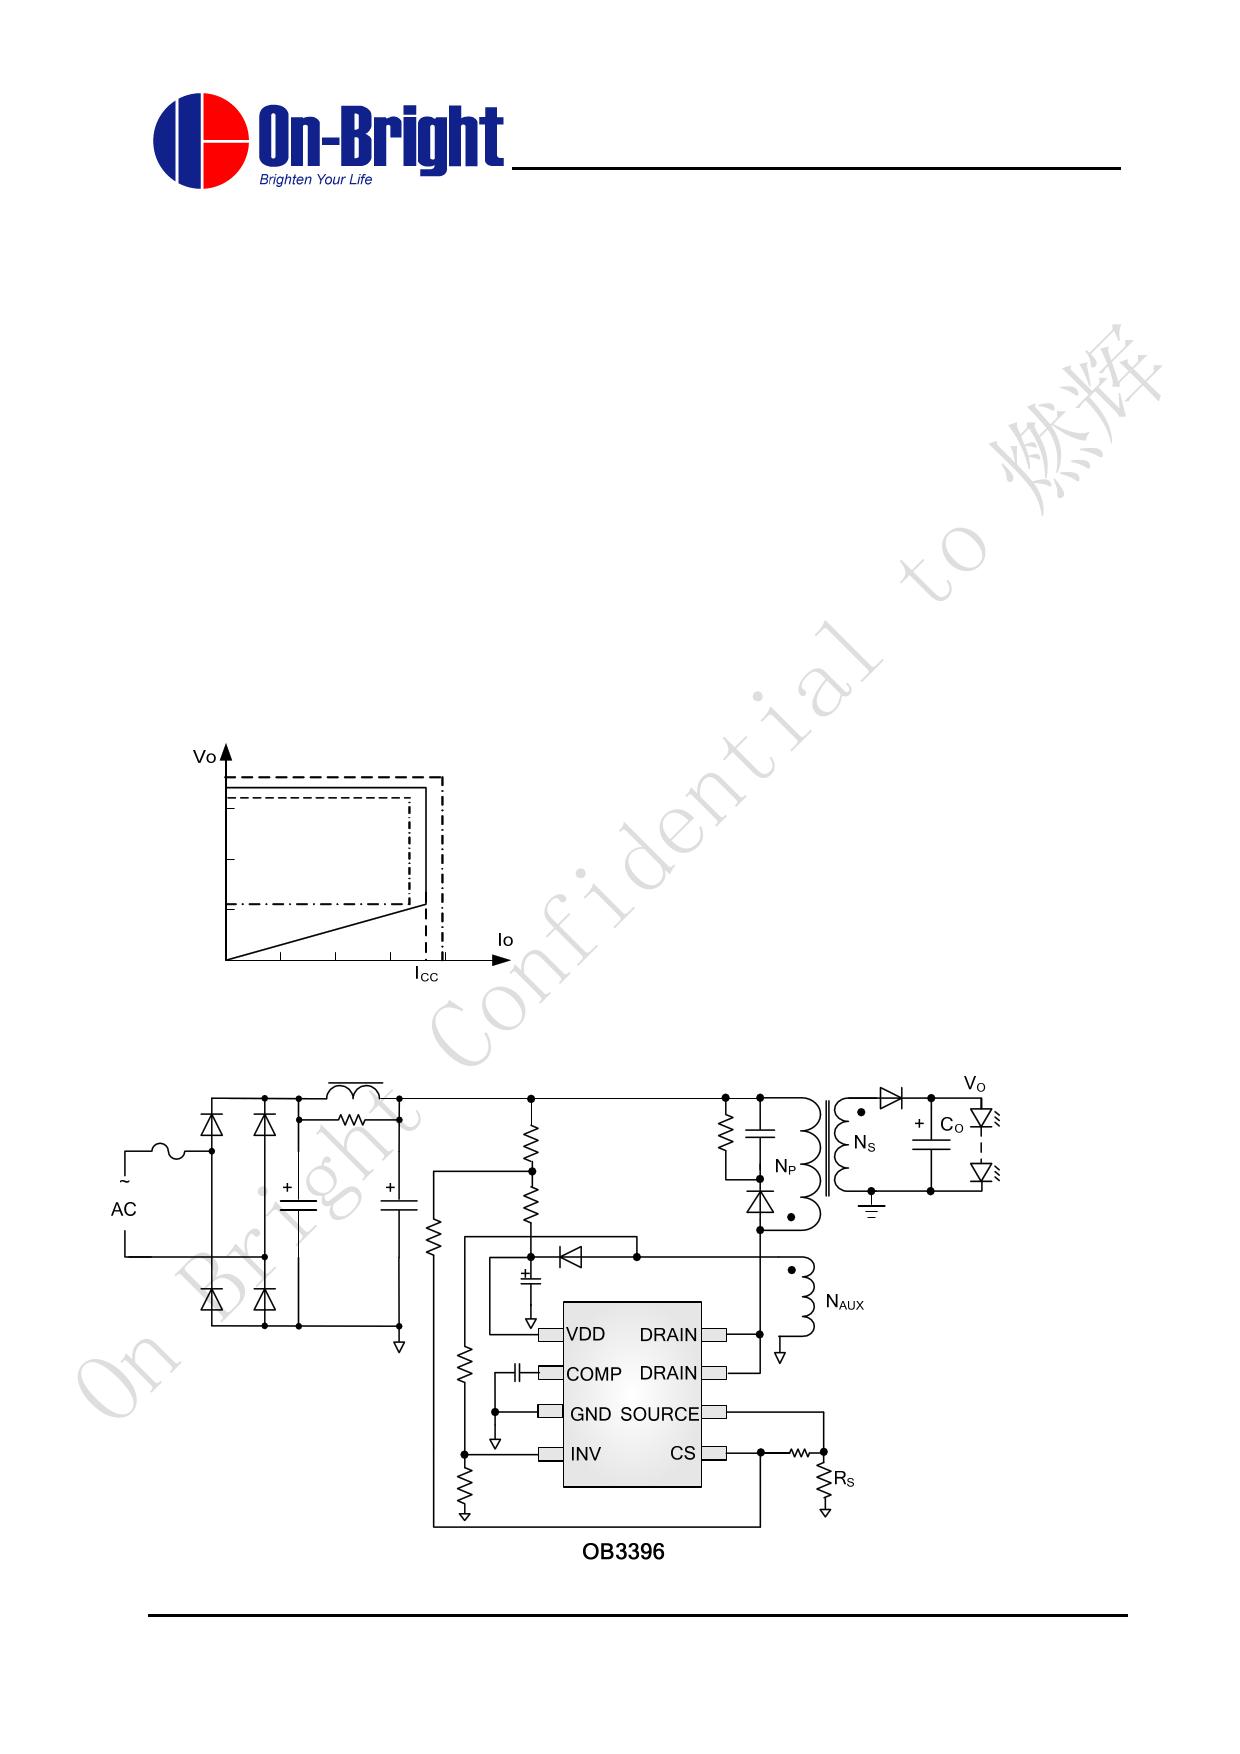 OB3396AP datasheet, circuit